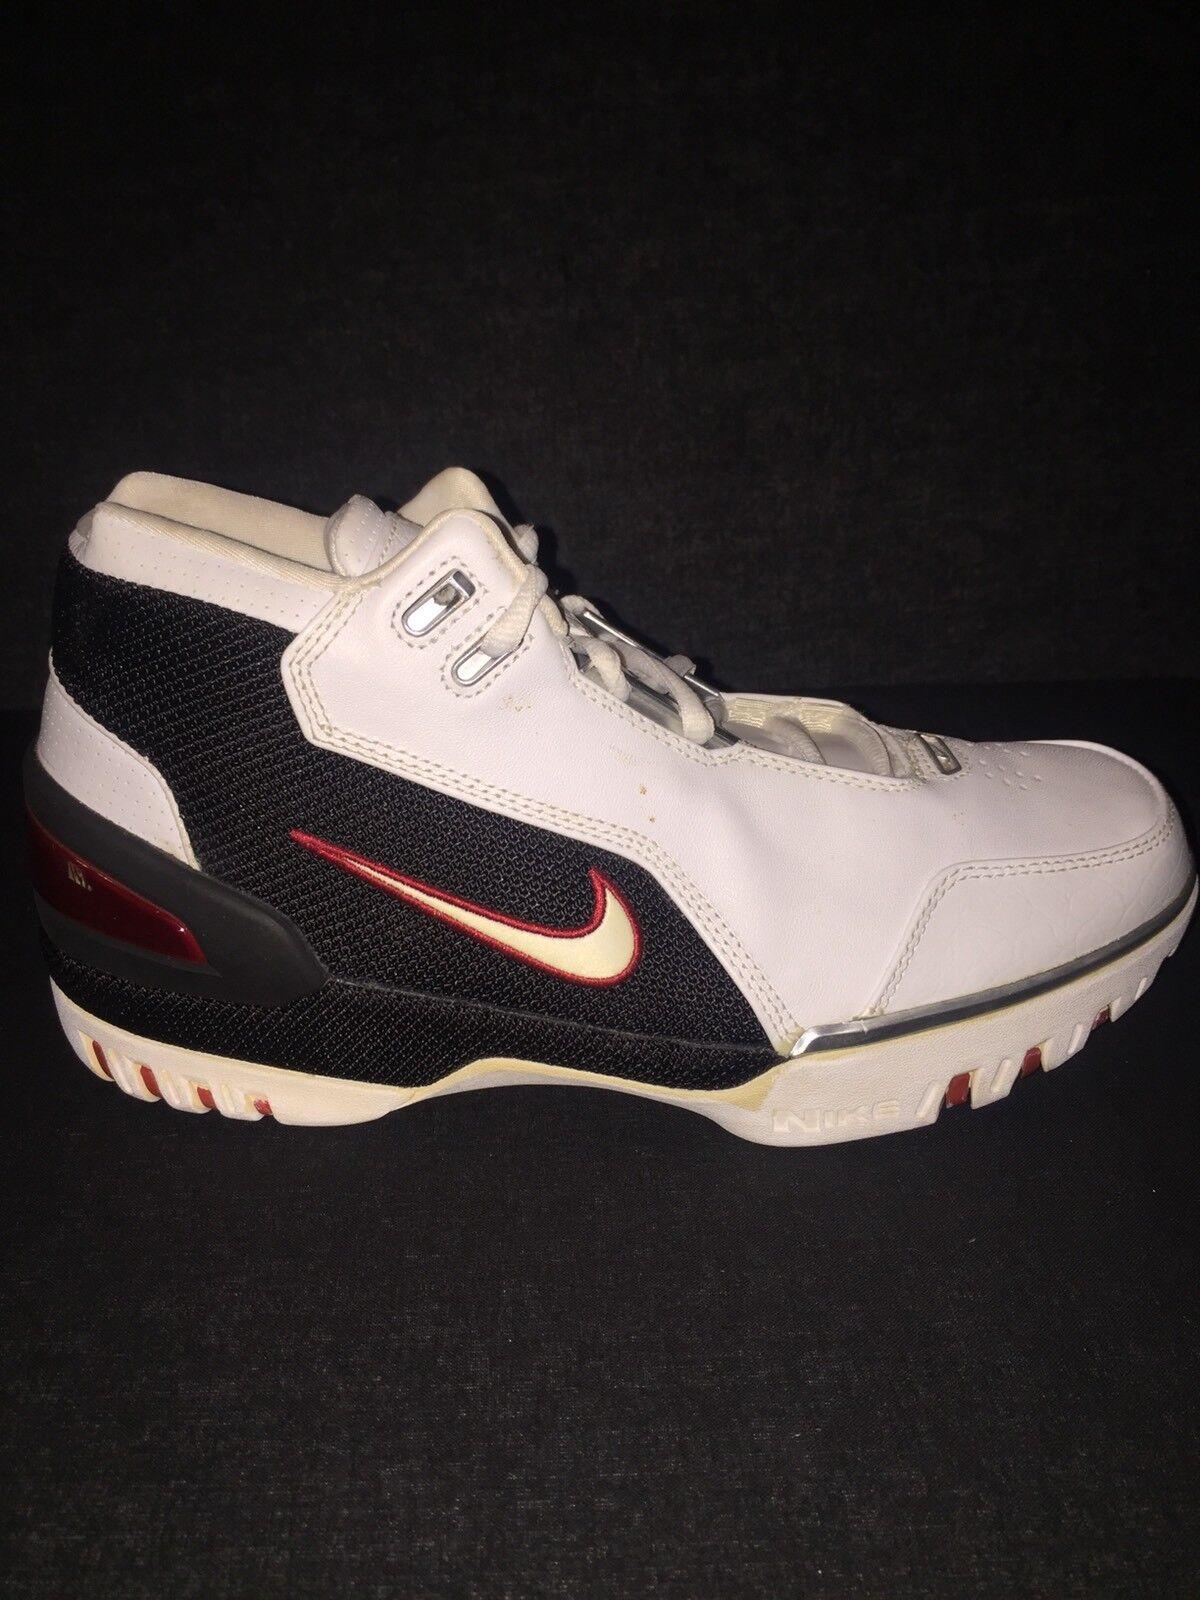 Nike Nike Nike Air LeBron og zoom generación Blanco cómodos zapatos nuevos para hombres y mujeres, el limitado tiempo de descuento 037c00